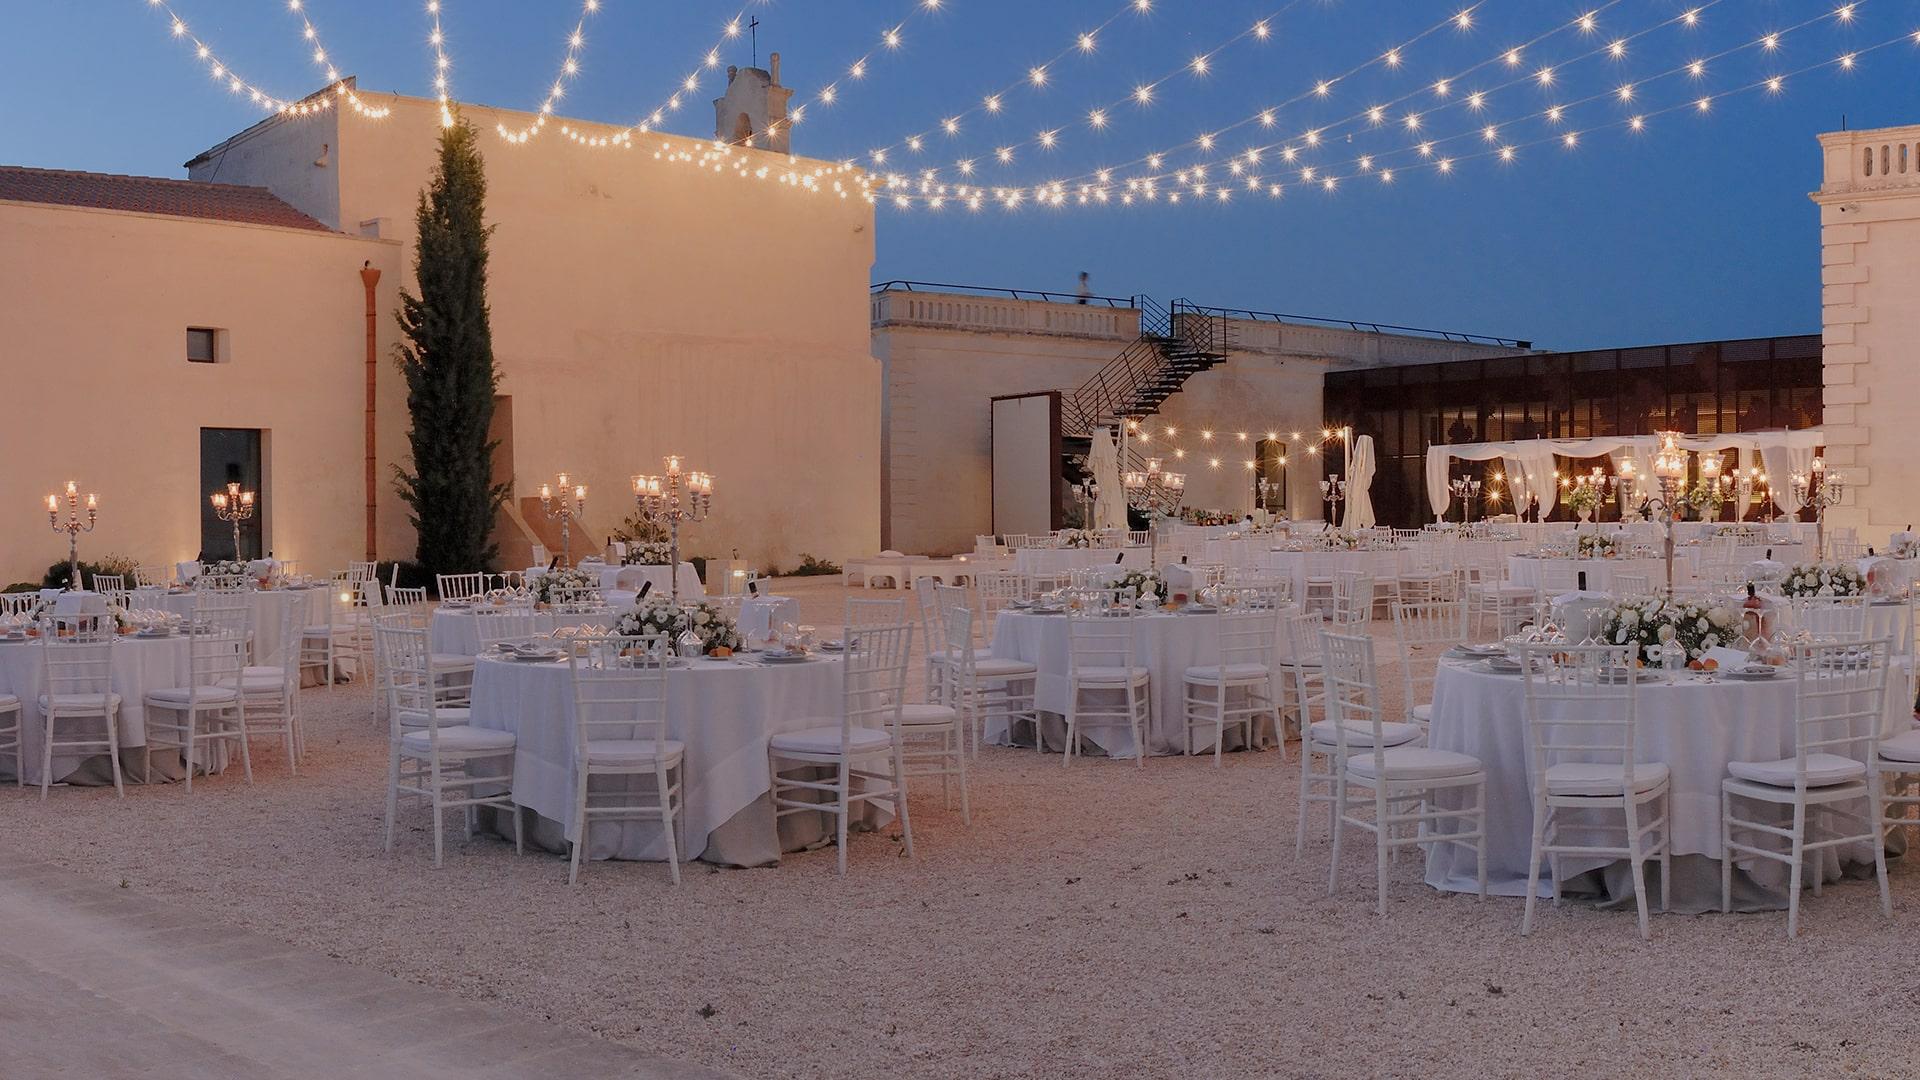 Masseria Amastuola location per eventi, matrimoni